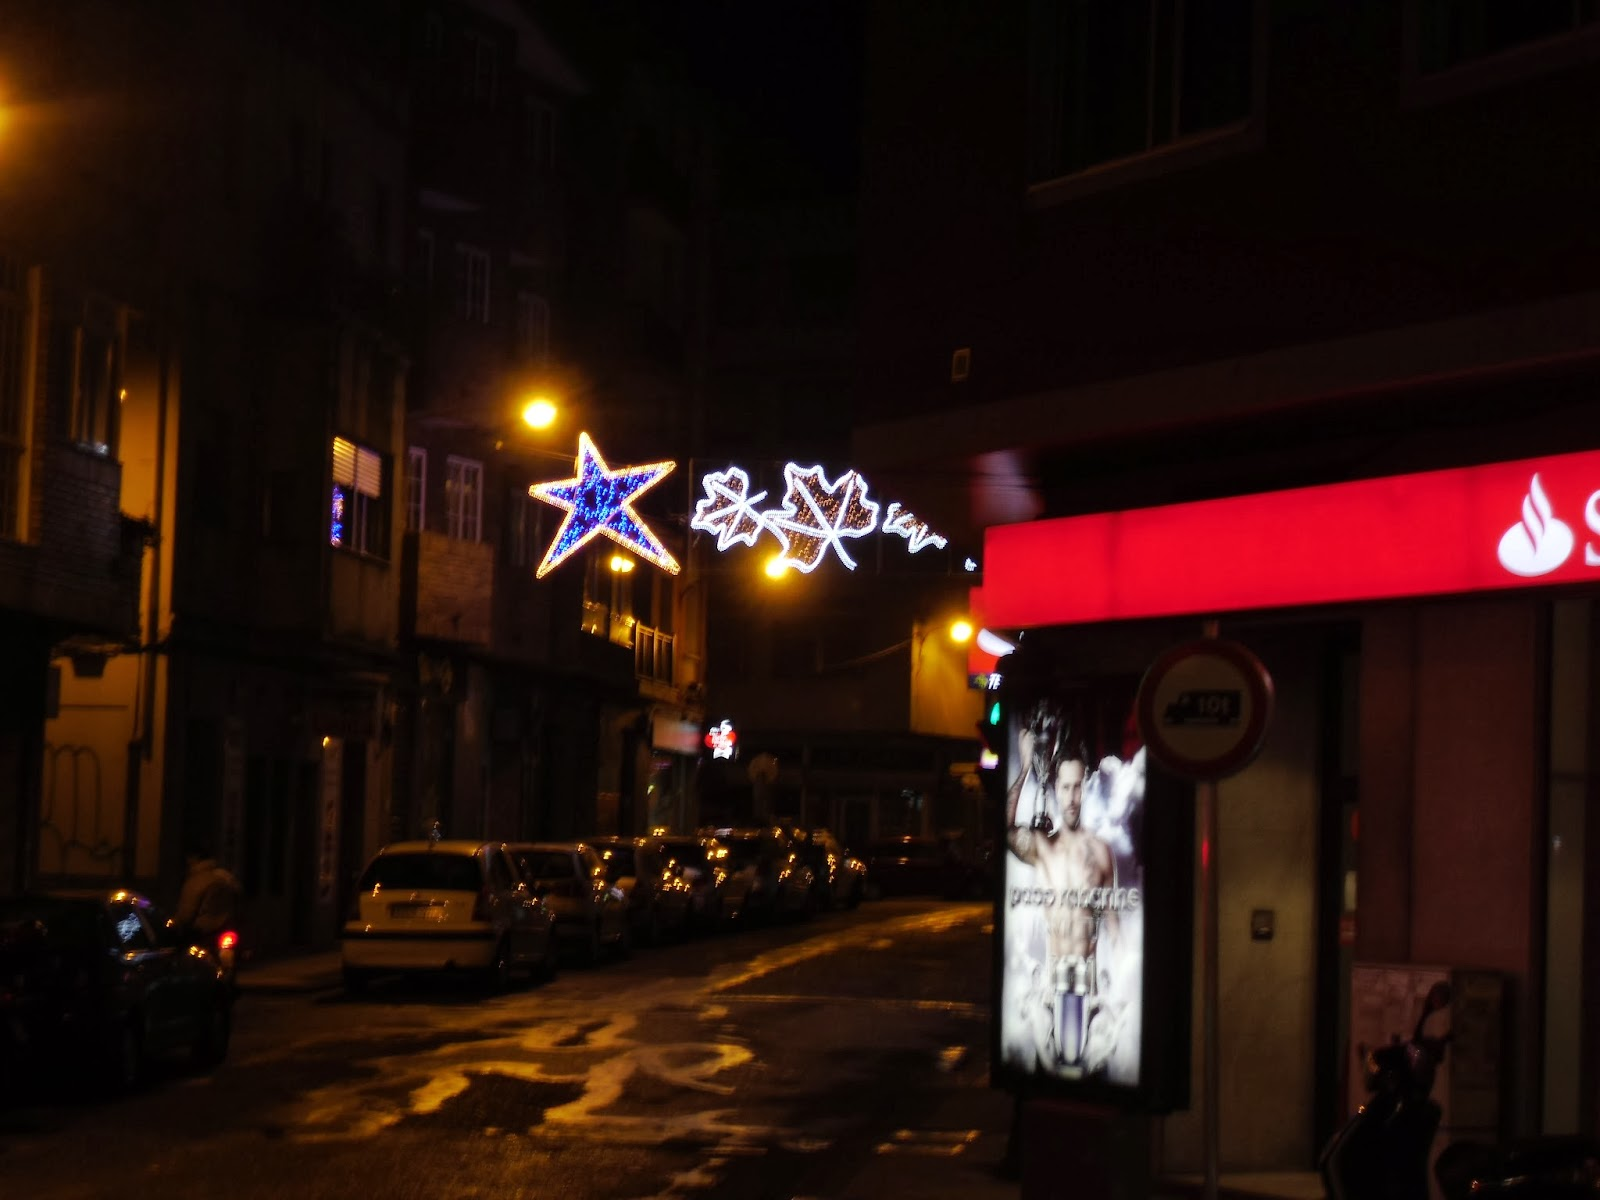 El vigo oculto las luces de navidad iv - Luces de navidad ...